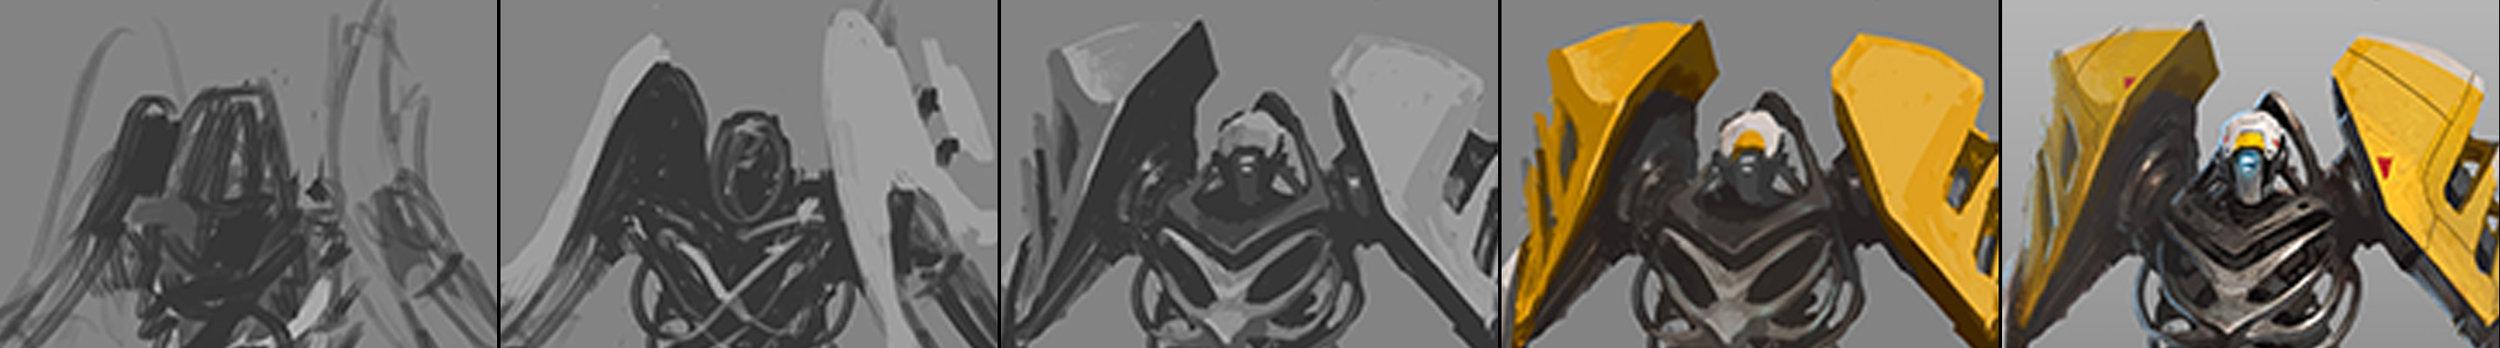 cyborg_progression.jpg